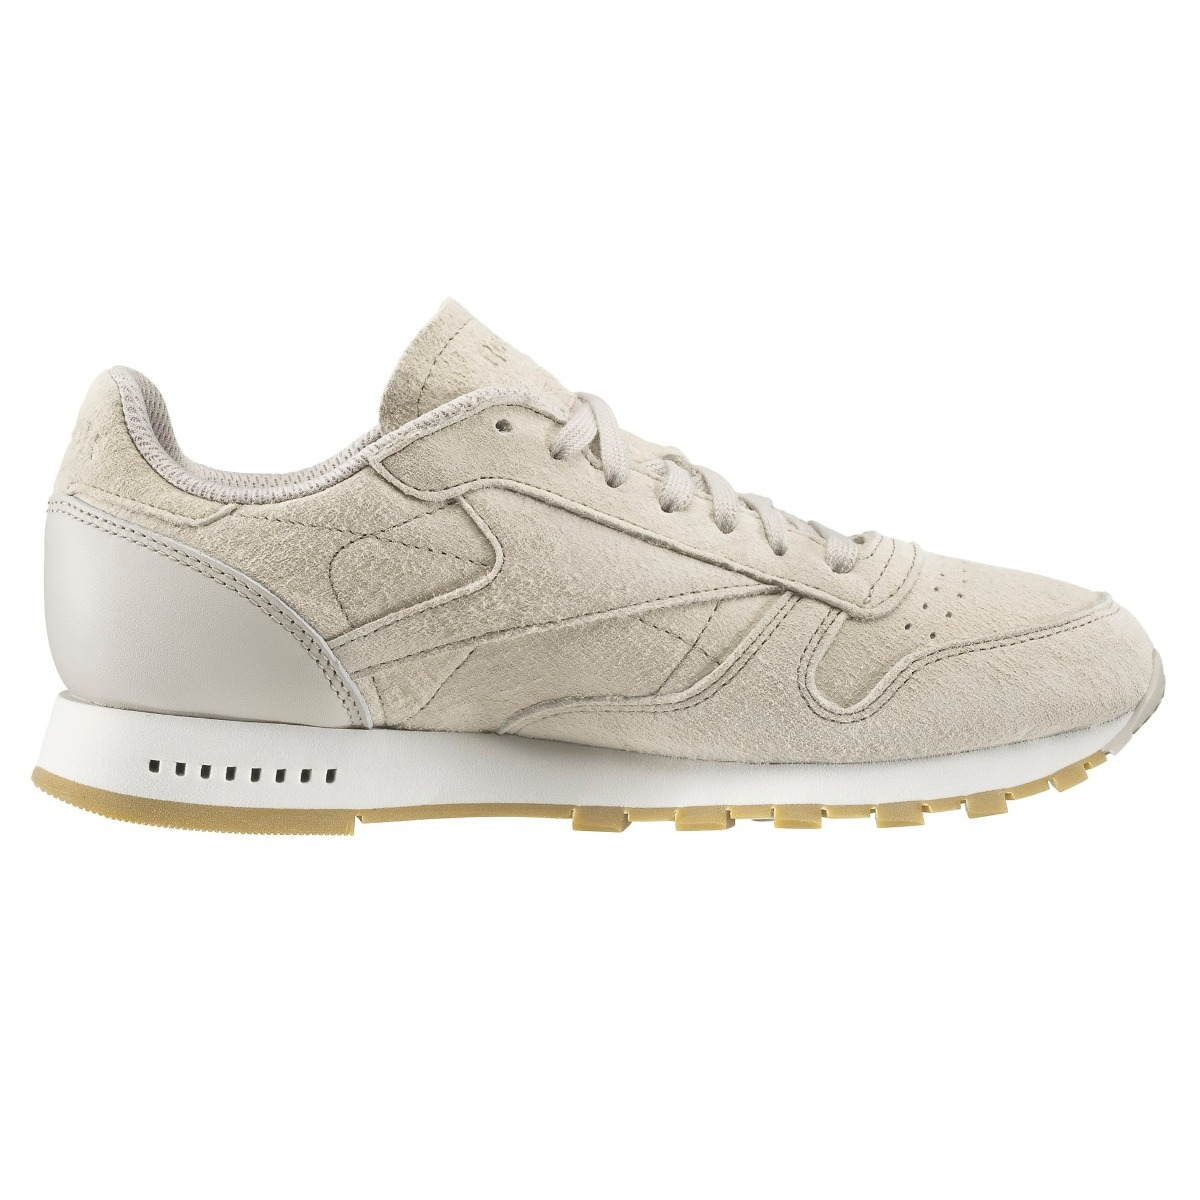 Tenis Calzado Hombre Reebok Classic Leather Sg